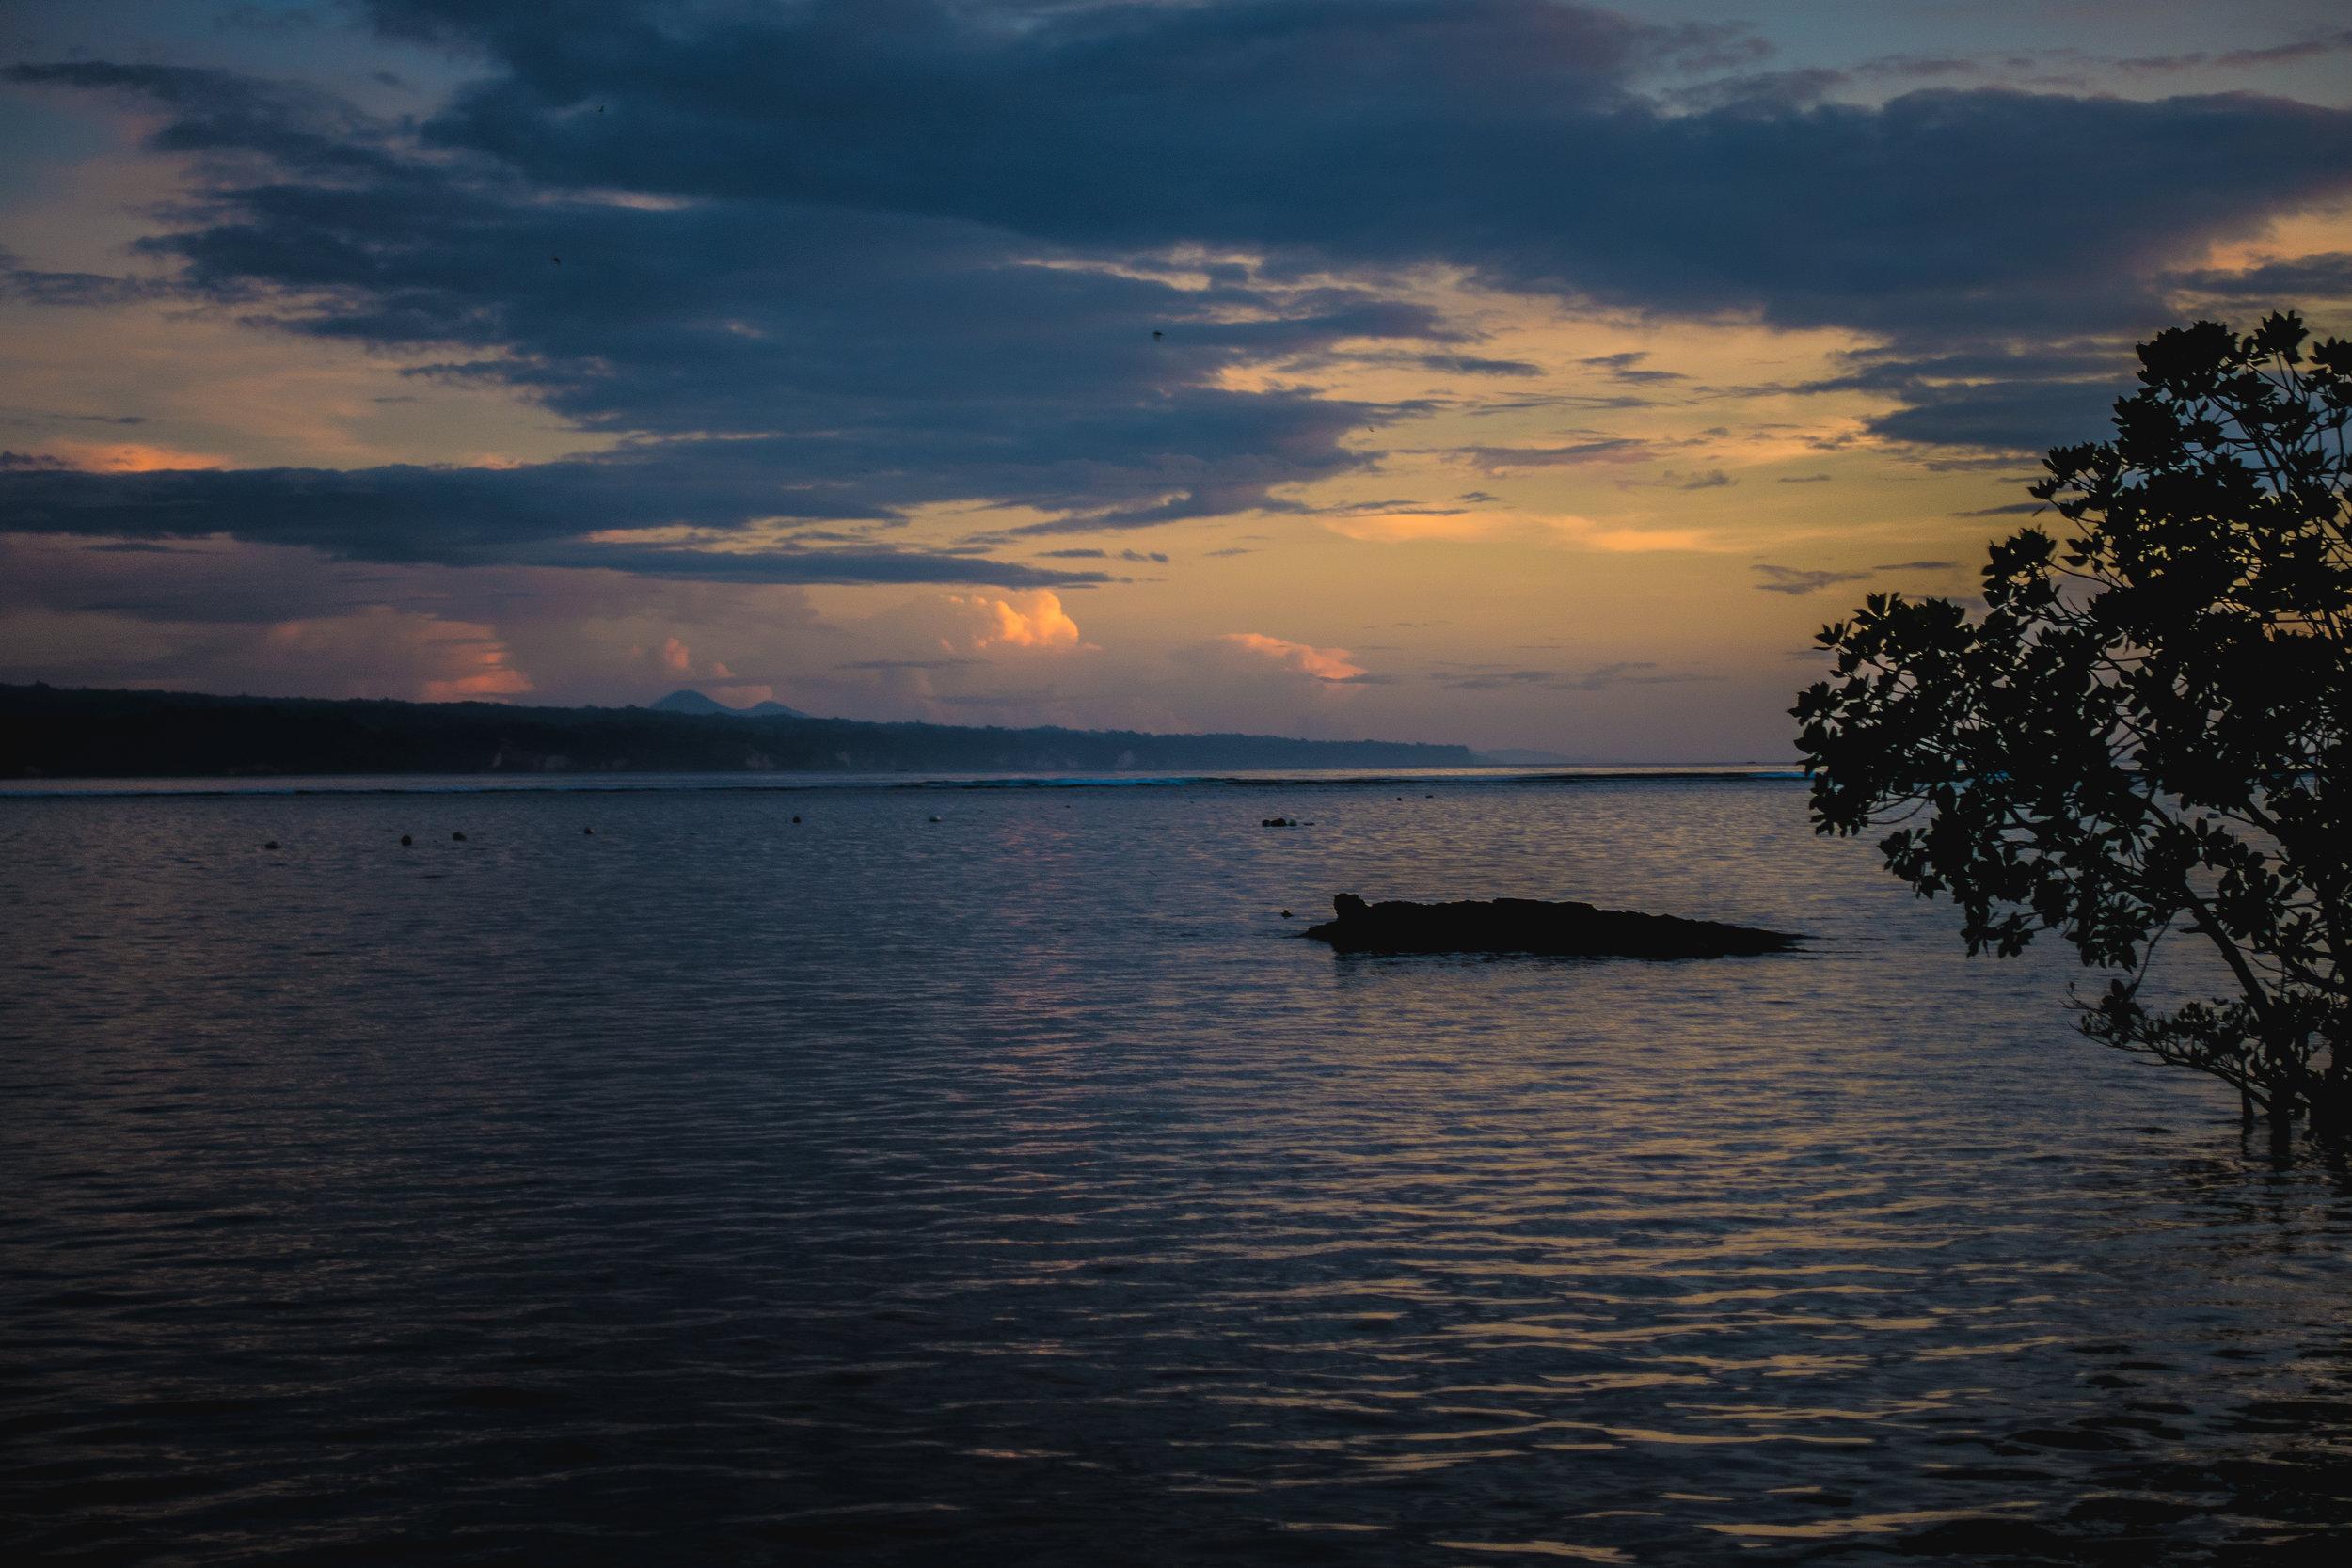 indonesiatumbok-06876.JPG